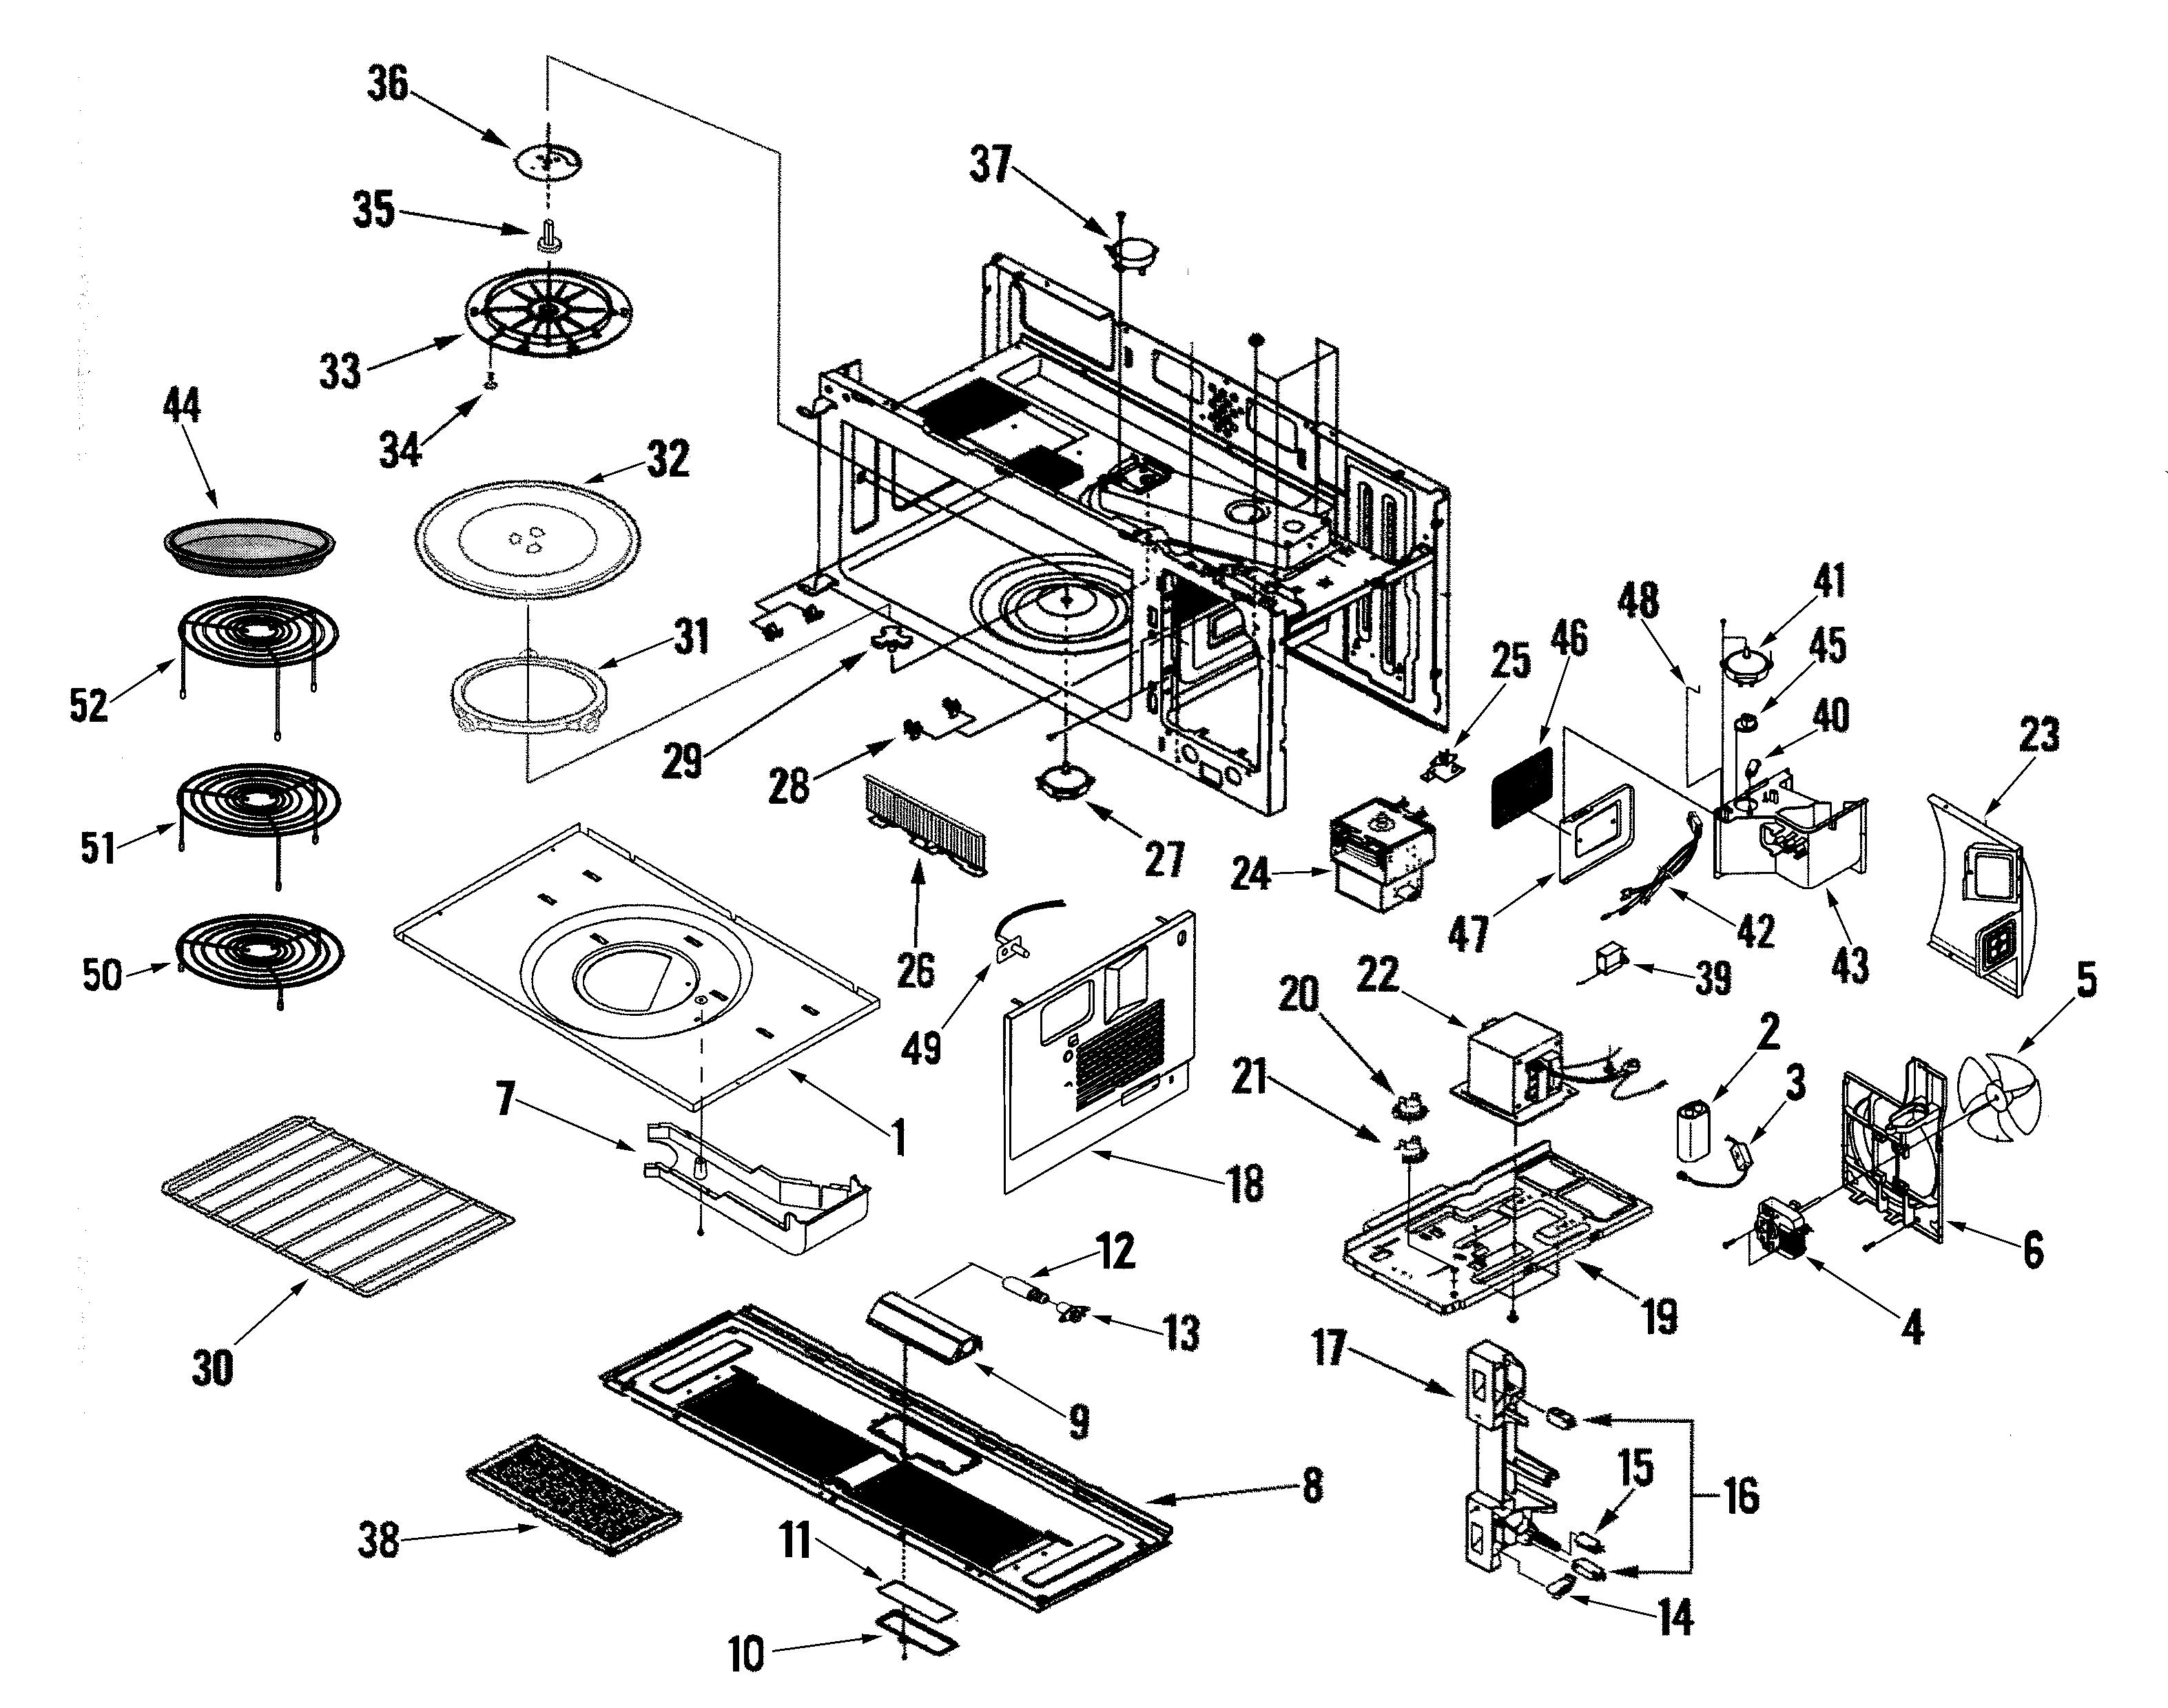 jenn-air jmv9169baw microwave wire rack-shelf